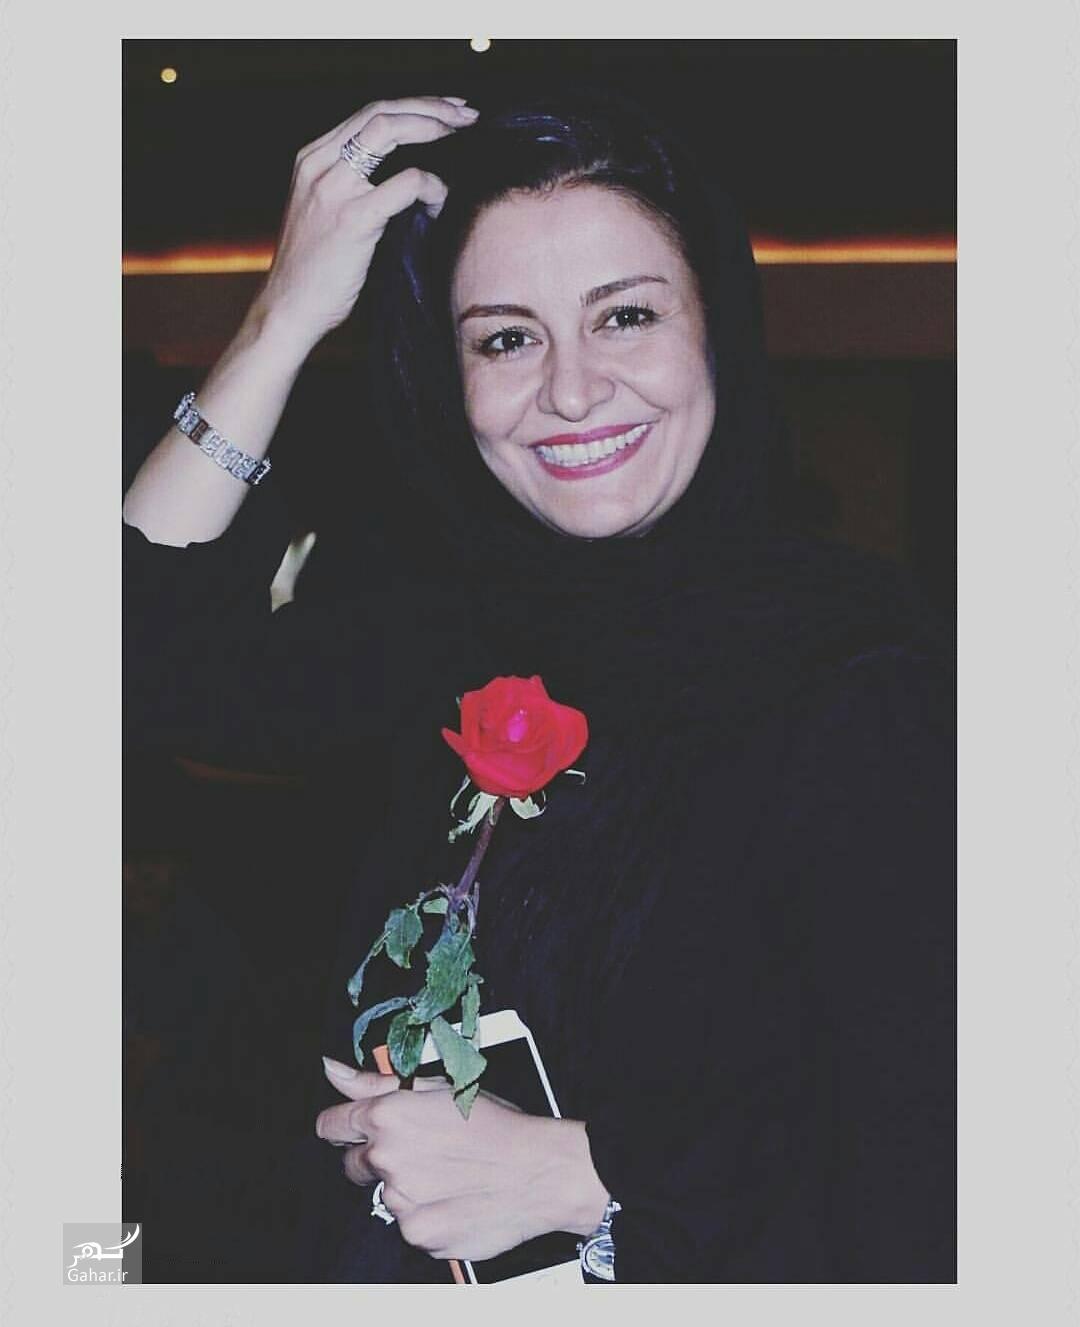 1473569391 عکس های اینستاگرامی بازیگران ایرانی